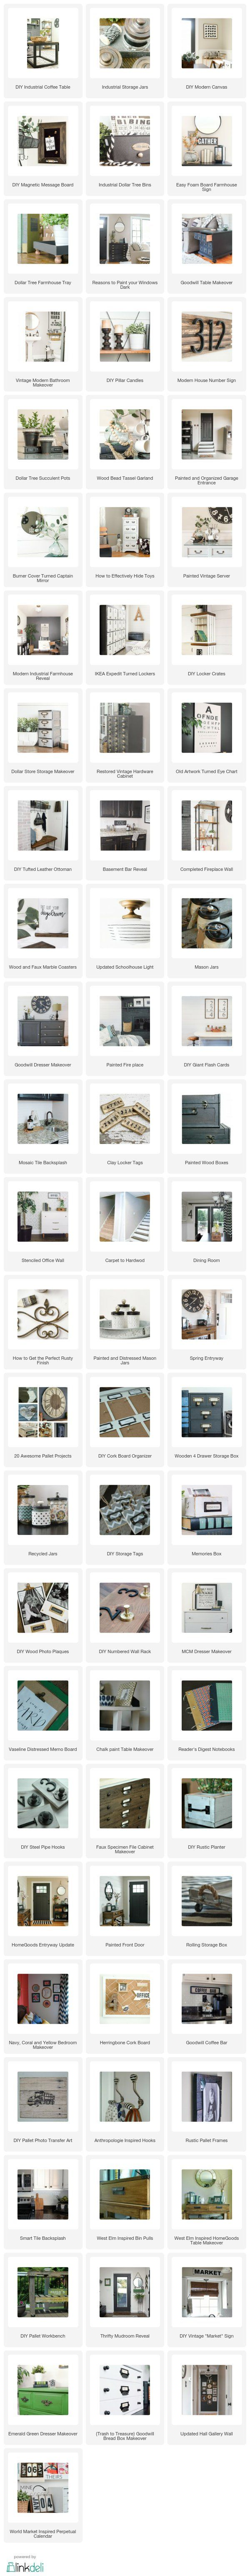 Willkommen in meiner Projektgalerie! Ich hoffe, Sie finden Anregungen und Ideen, die Ihnen helfen, Ihr Zuhause zu dekorieren und einen schönen Raum zu schaffen, den Sie lieben